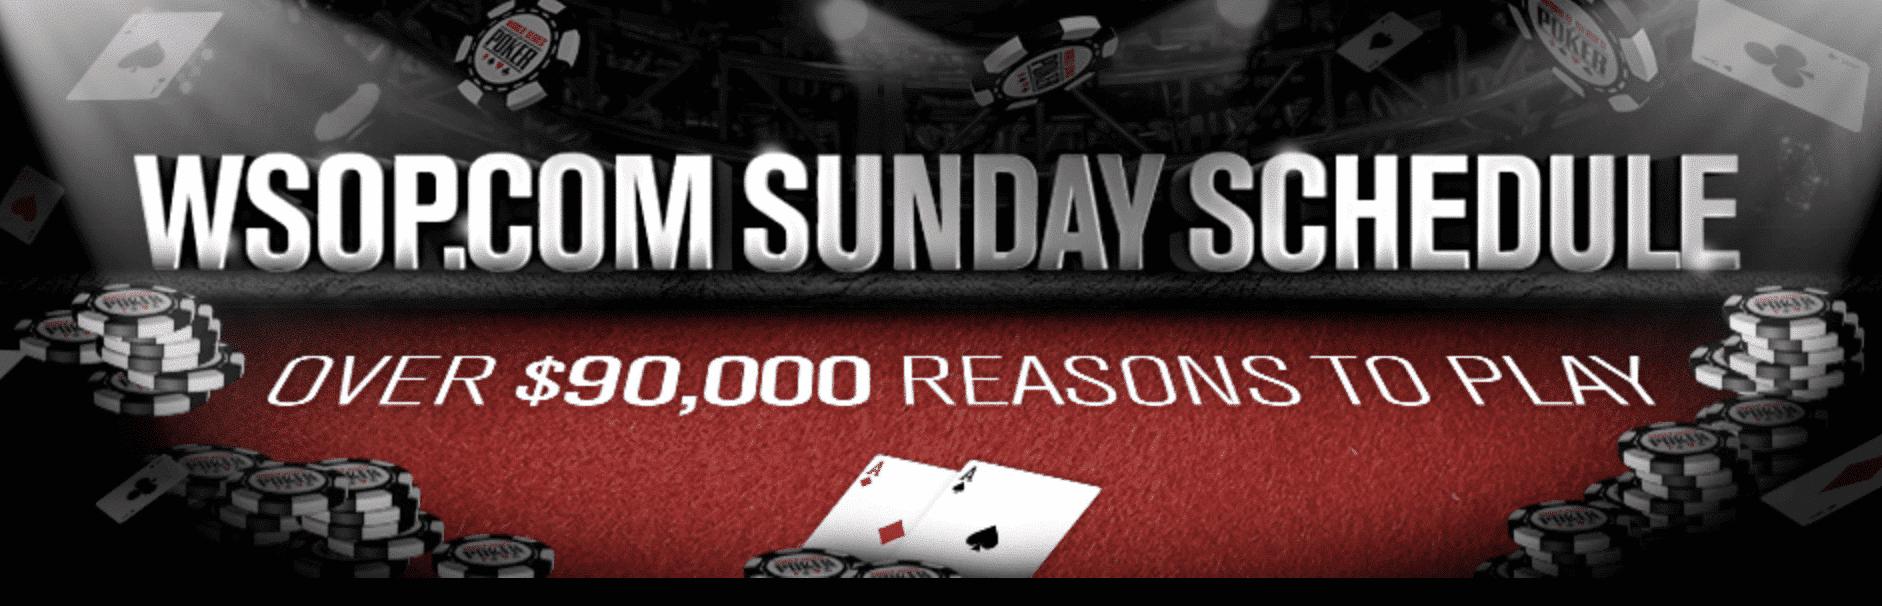 WSOP New Jersey Online Poker